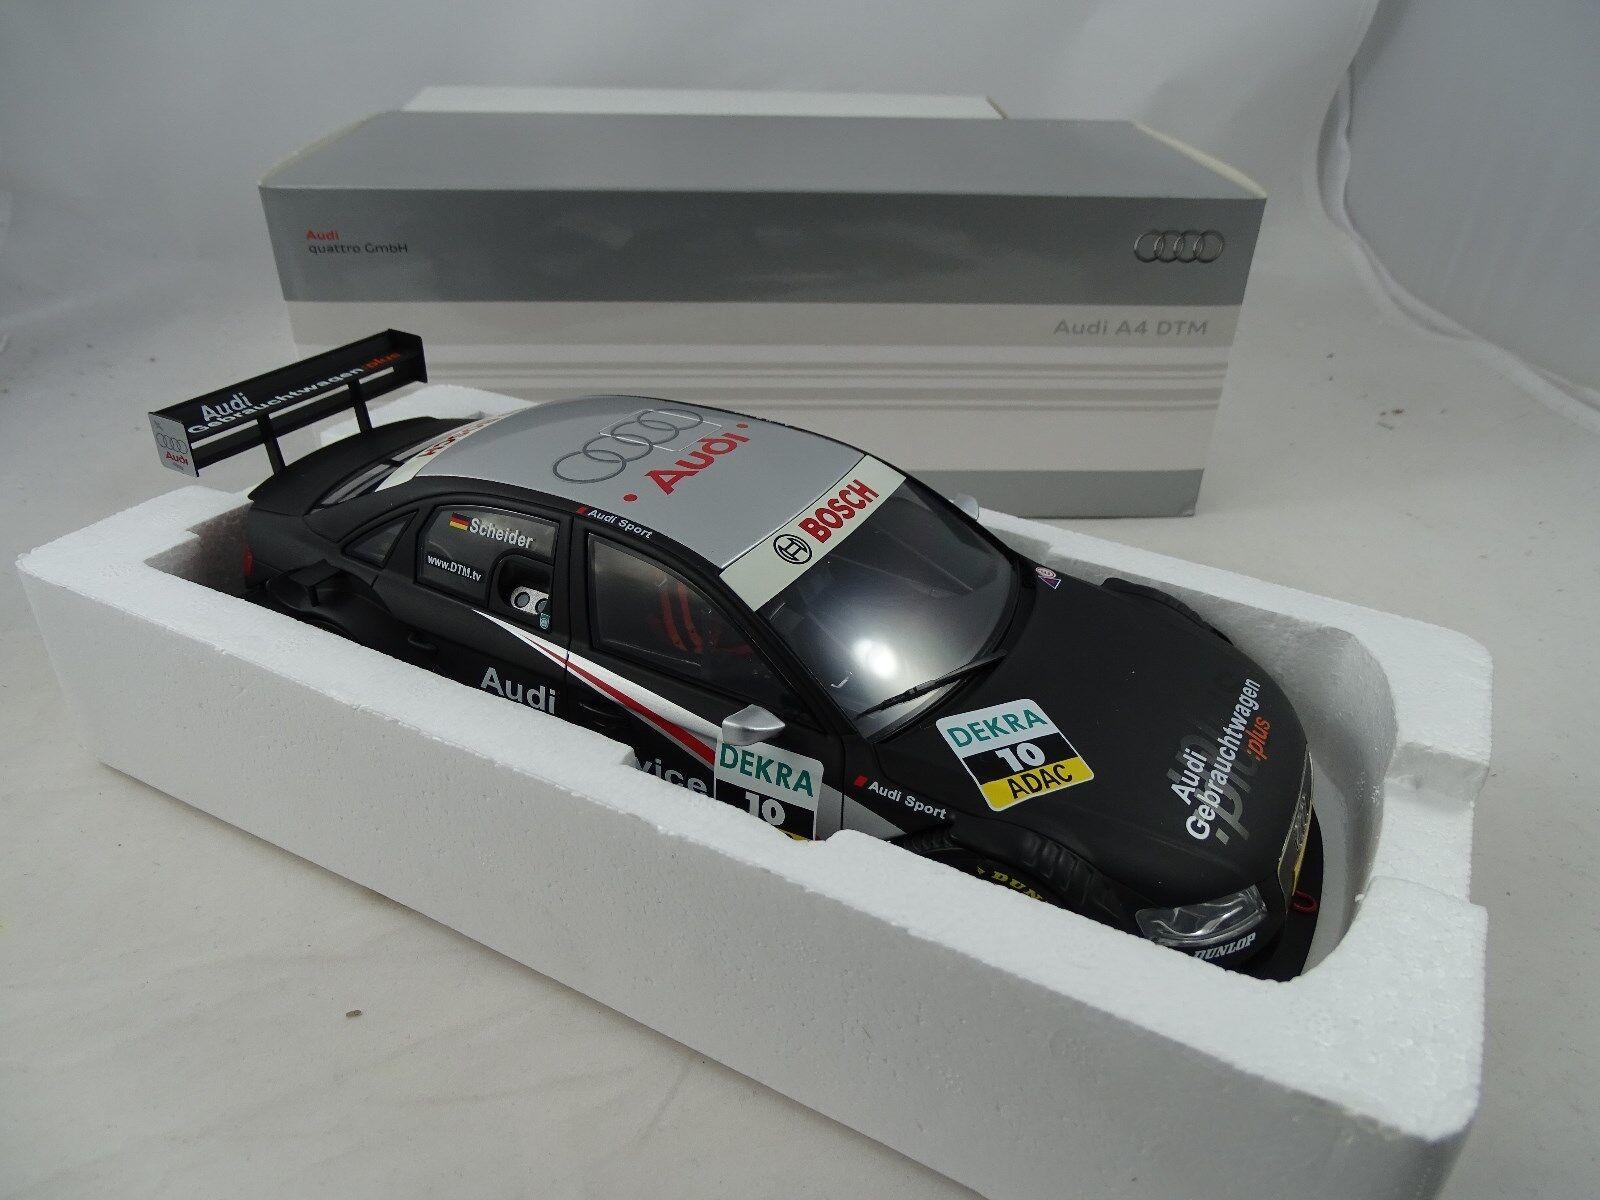 1 18 Norev Dealer modèlei a4 dtm 2008 T Solivore  10 - RARE §